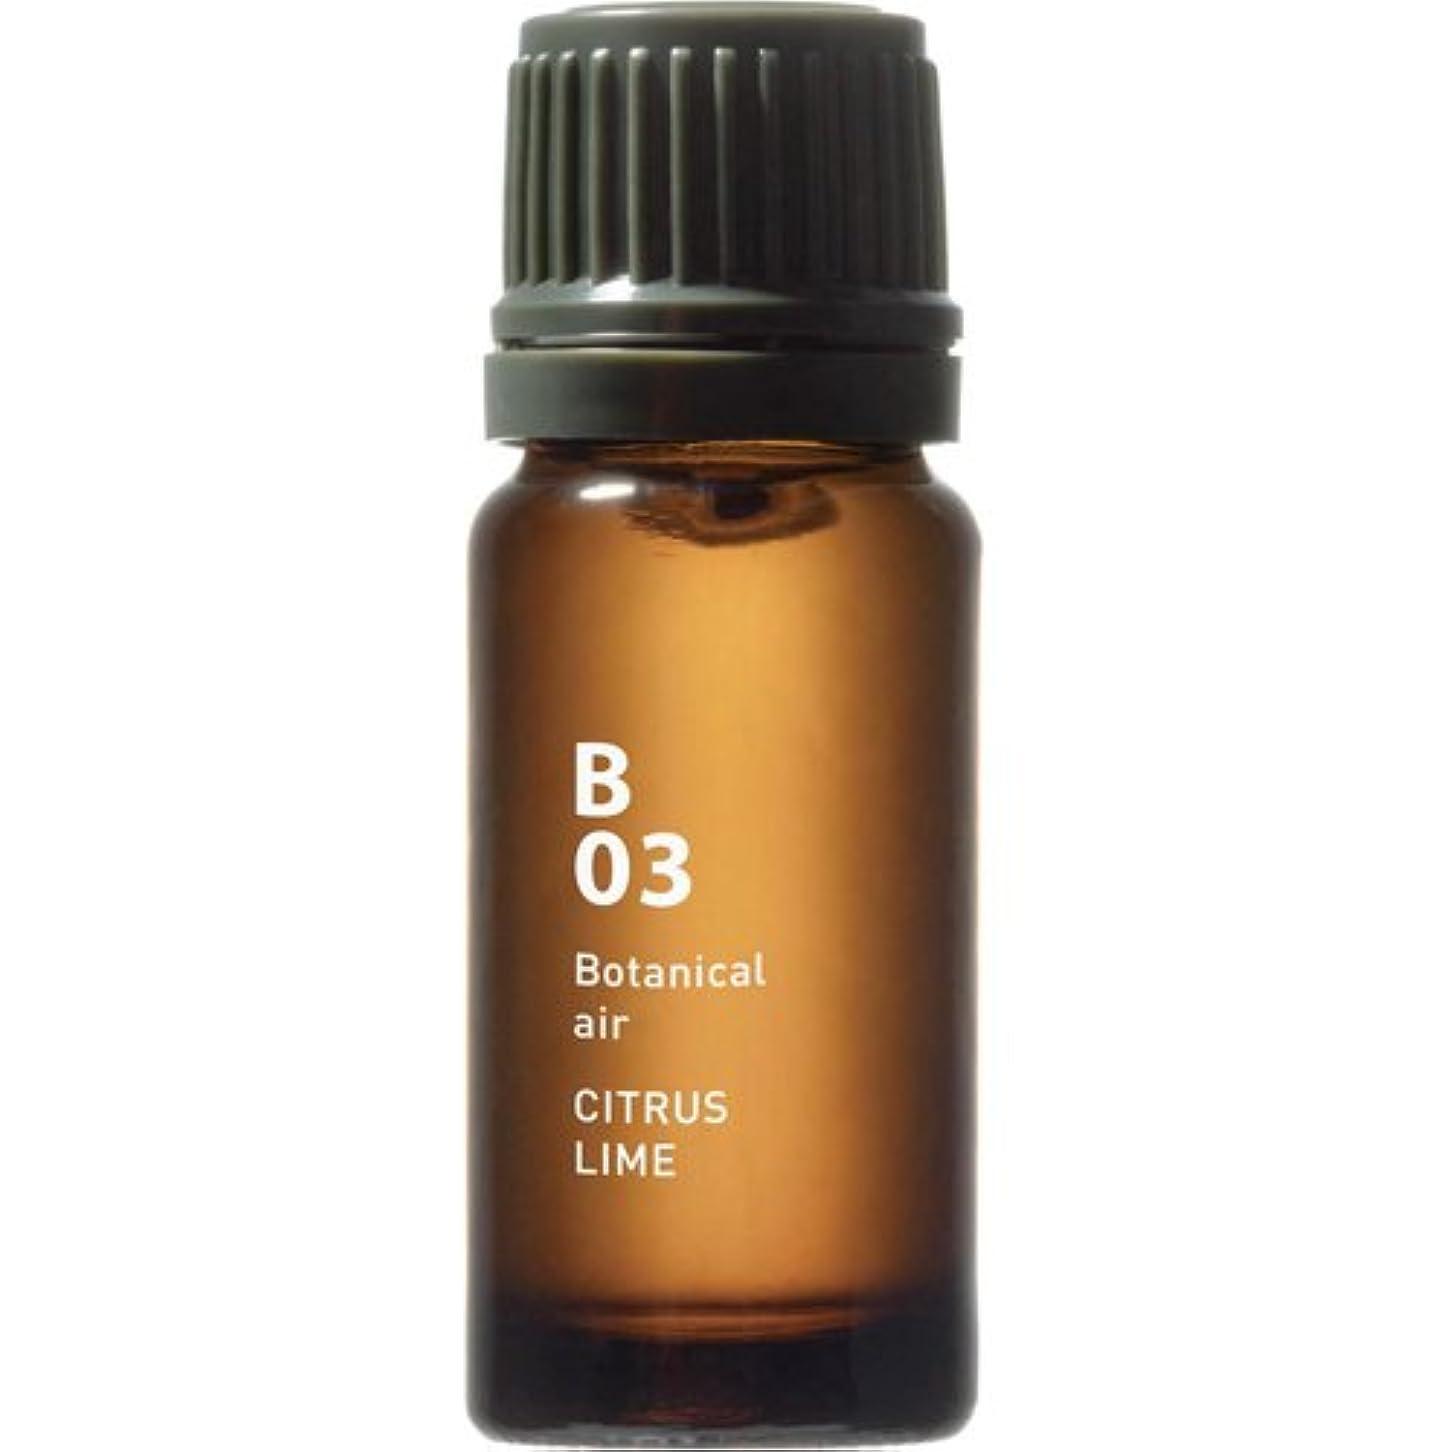 バラバラにする一時的食べるB03 シトラスライム Botanical air(ボタニカルエアー) 10ml